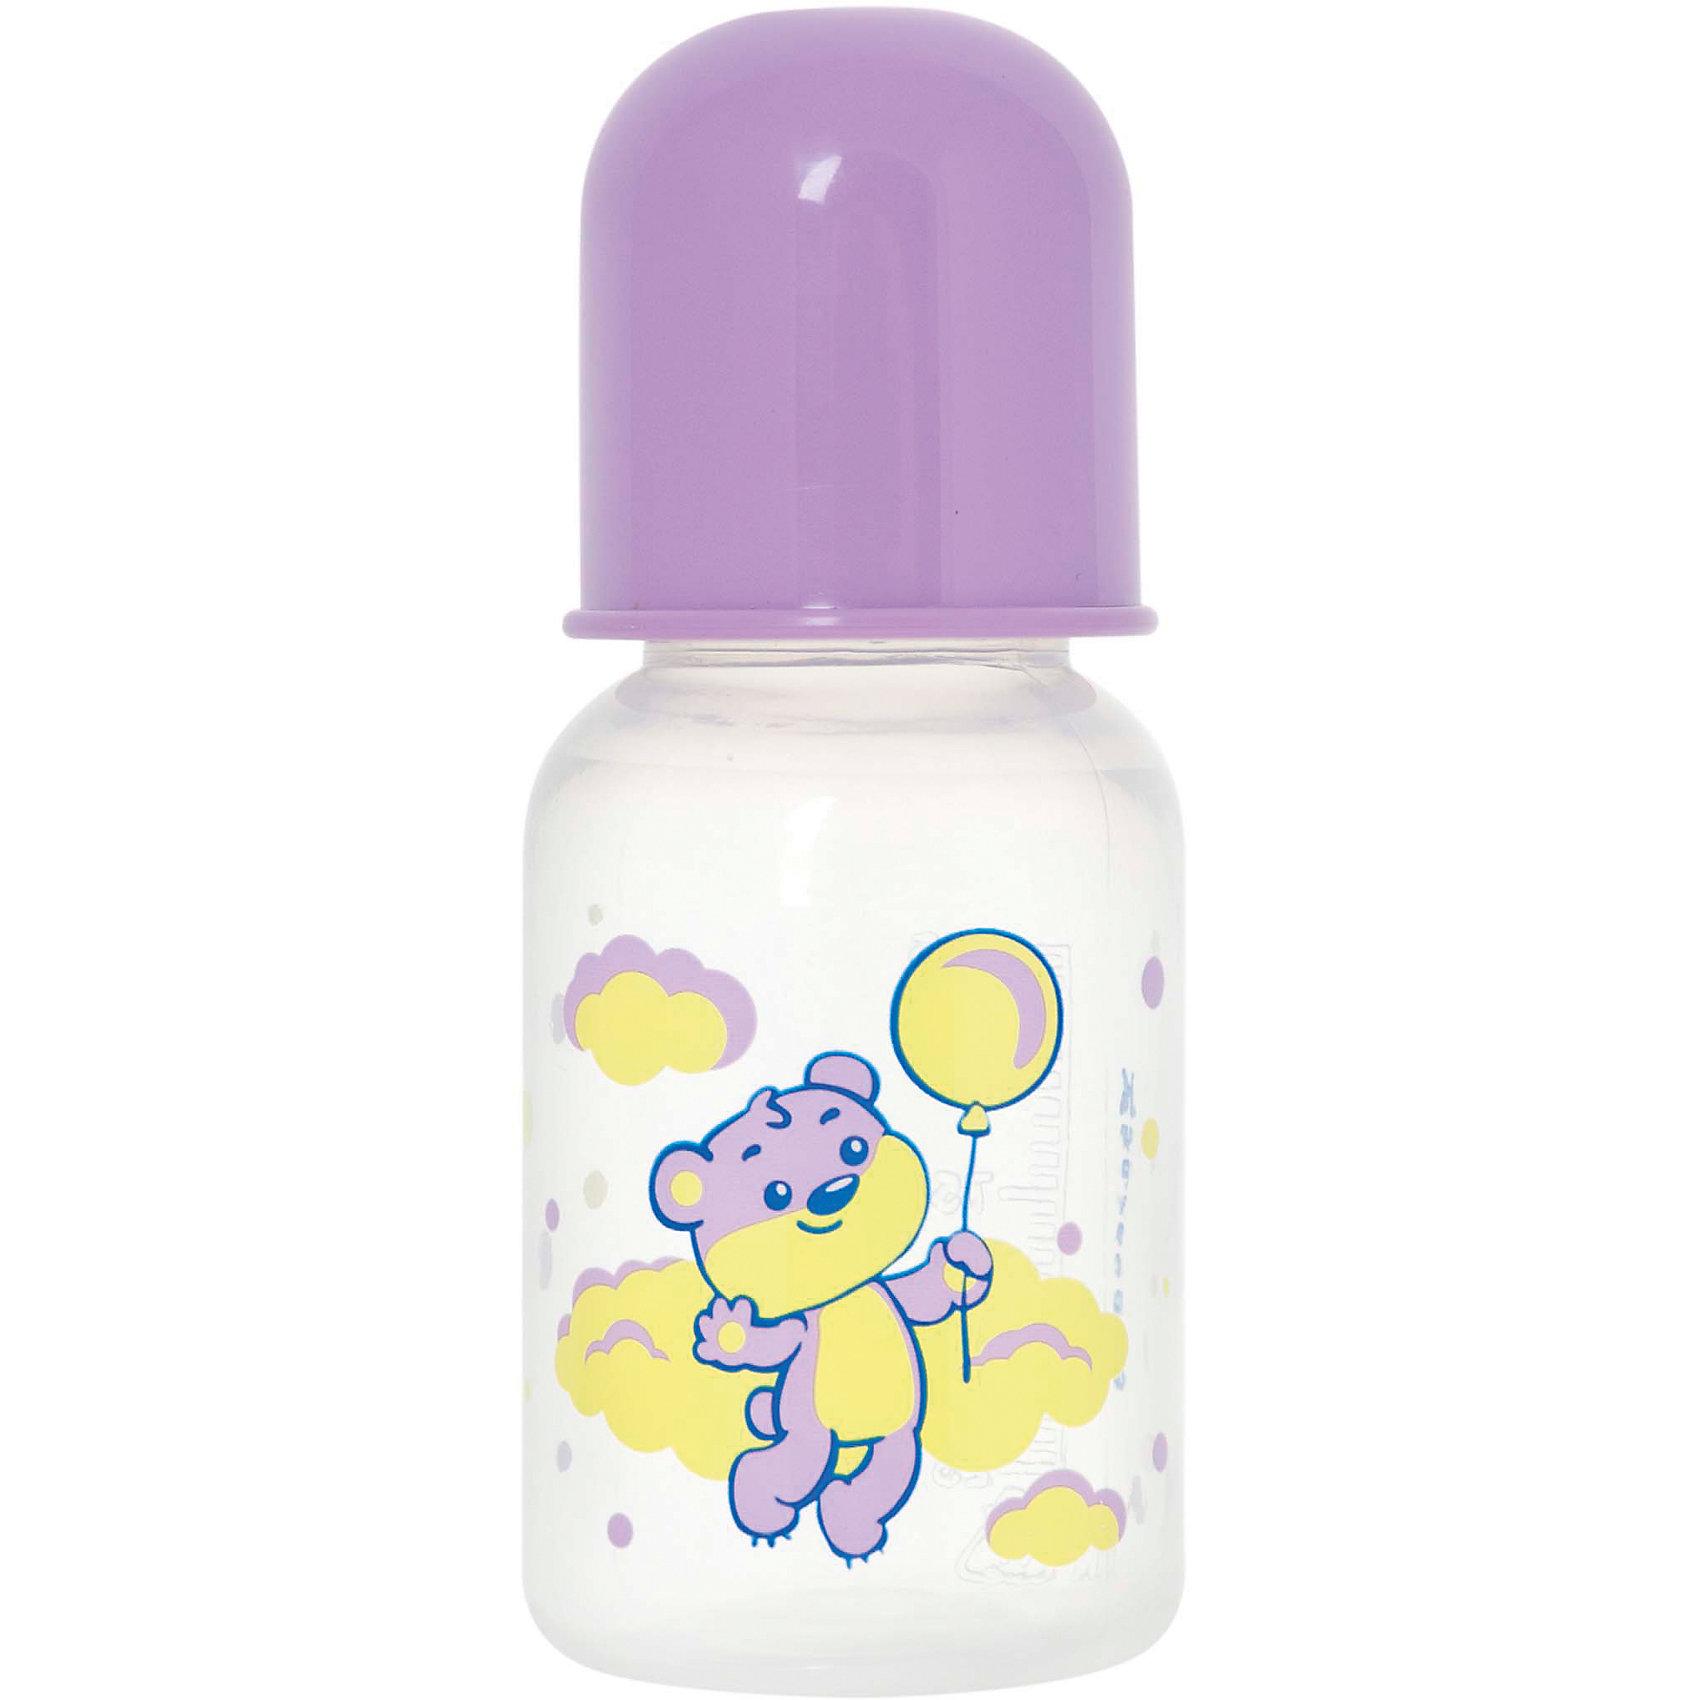 Бутылочка с латексной соской Мои любимые животные, 125 мл, Kurnosiki, фиолетовыйХарактеристики:<br><br>• Наименование: бутылка для кормления<br>• Рекомендуемый возраст: от 0 месяцев<br>• Пол: для девочки<br>• Объем: 125 мл<br>• Материал: латекс, пластик<br>• Цвет: фиолетовый<br>• Серия: Мои любимые животные<br>• Форма соски: классическая<br>• Поток у соски: медленный<br>• Комплектация: бутылочка, соска, колпачок<br>• Эргономичная форма бутылки<br>• Узкое горлышко<br>• Вес: 80 г<br>• Можно использовать в СВЧ и посудомоечной машине<br>• Особенности ухода: регулярная стерилизация и своевременная замена соски<br><br>Бутылочка с латексной соской Мои любимые животные, 125 мл, Kurnosiki, желтый выполнена из прочного и жароустойчивого пластика, на котором не появляются царапины и сколы. У бутылочки узкое горлышко. Форма – эргономическая, ее удобно держать в руках малышу. Латексная соска классической формы длительное время сохраняет свои свойства: не рассасывается и не меняет форму. <br><br>Изделие выполнено в брендовом дизайне: на бутылочку нанесено изображение одного из героев серии – тигренка. Рисунок устойчив к выцветанию и истиранию. Бутылочка с латексной соской Мои любимые животные, 125 мл, Kurnosiki, желтый – это практичный и стильный предмет для кормления малыша!<br><br>Бутылочку с латексной соской Мои любимые животные, 125 мл, Kurnosiki, желтый можно купить в нашем интернет-магазине.<br><br>Ширина мм: 60<br>Глубина мм: 80<br>Высота мм: 170<br>Вес г: 69<br>Возраст от месяцев: 0<br>Возраст до месяцев: 18<br>Пол: Женский<br>Возраст: Детский<br>SKU: 5428773